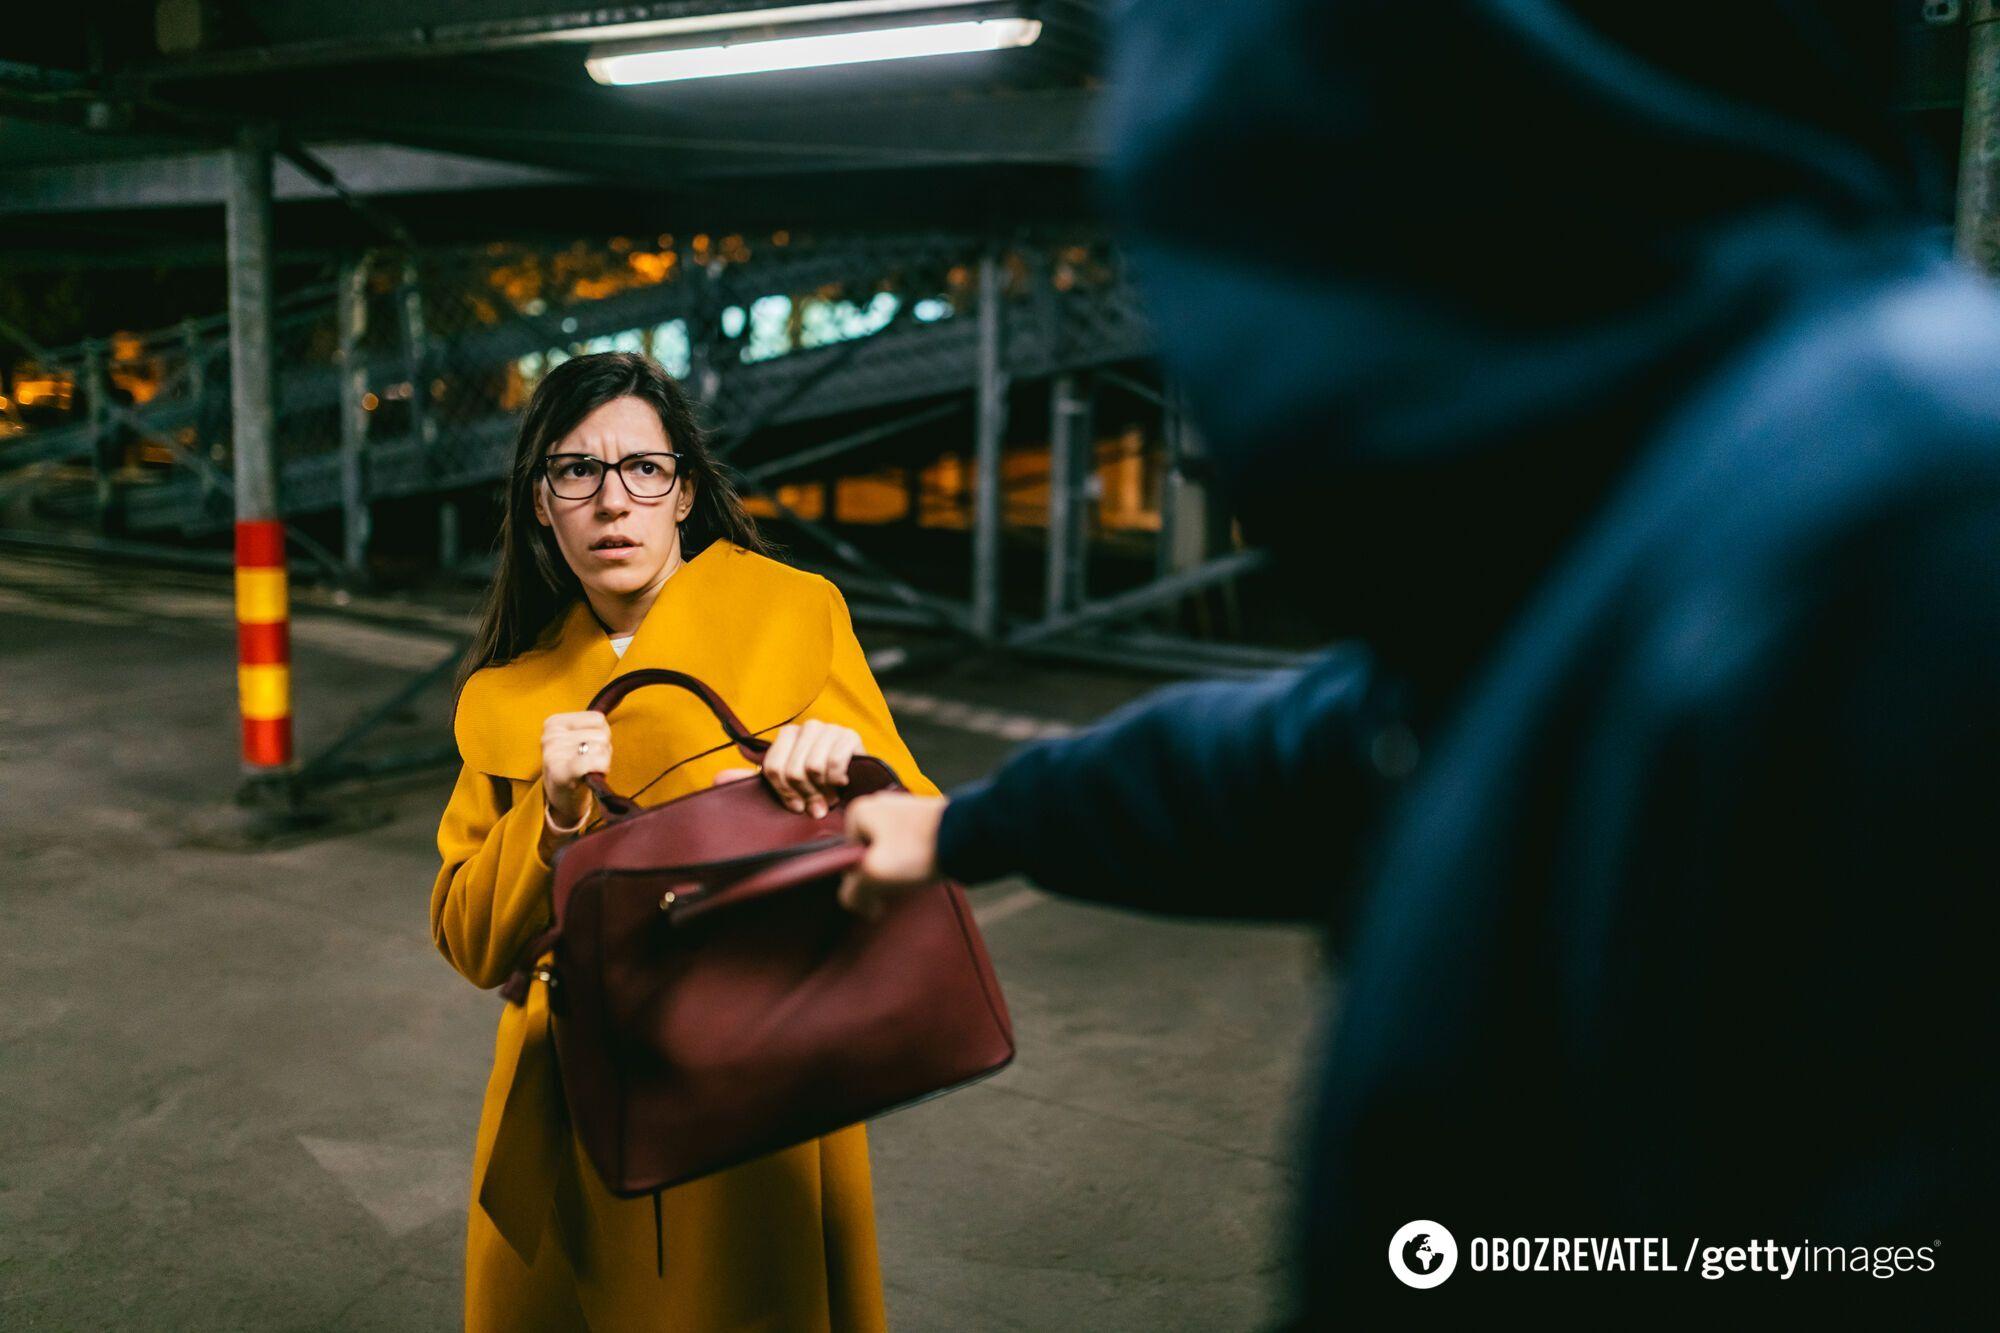 Грабители выхватывают у женщин сумки и забирают ценности